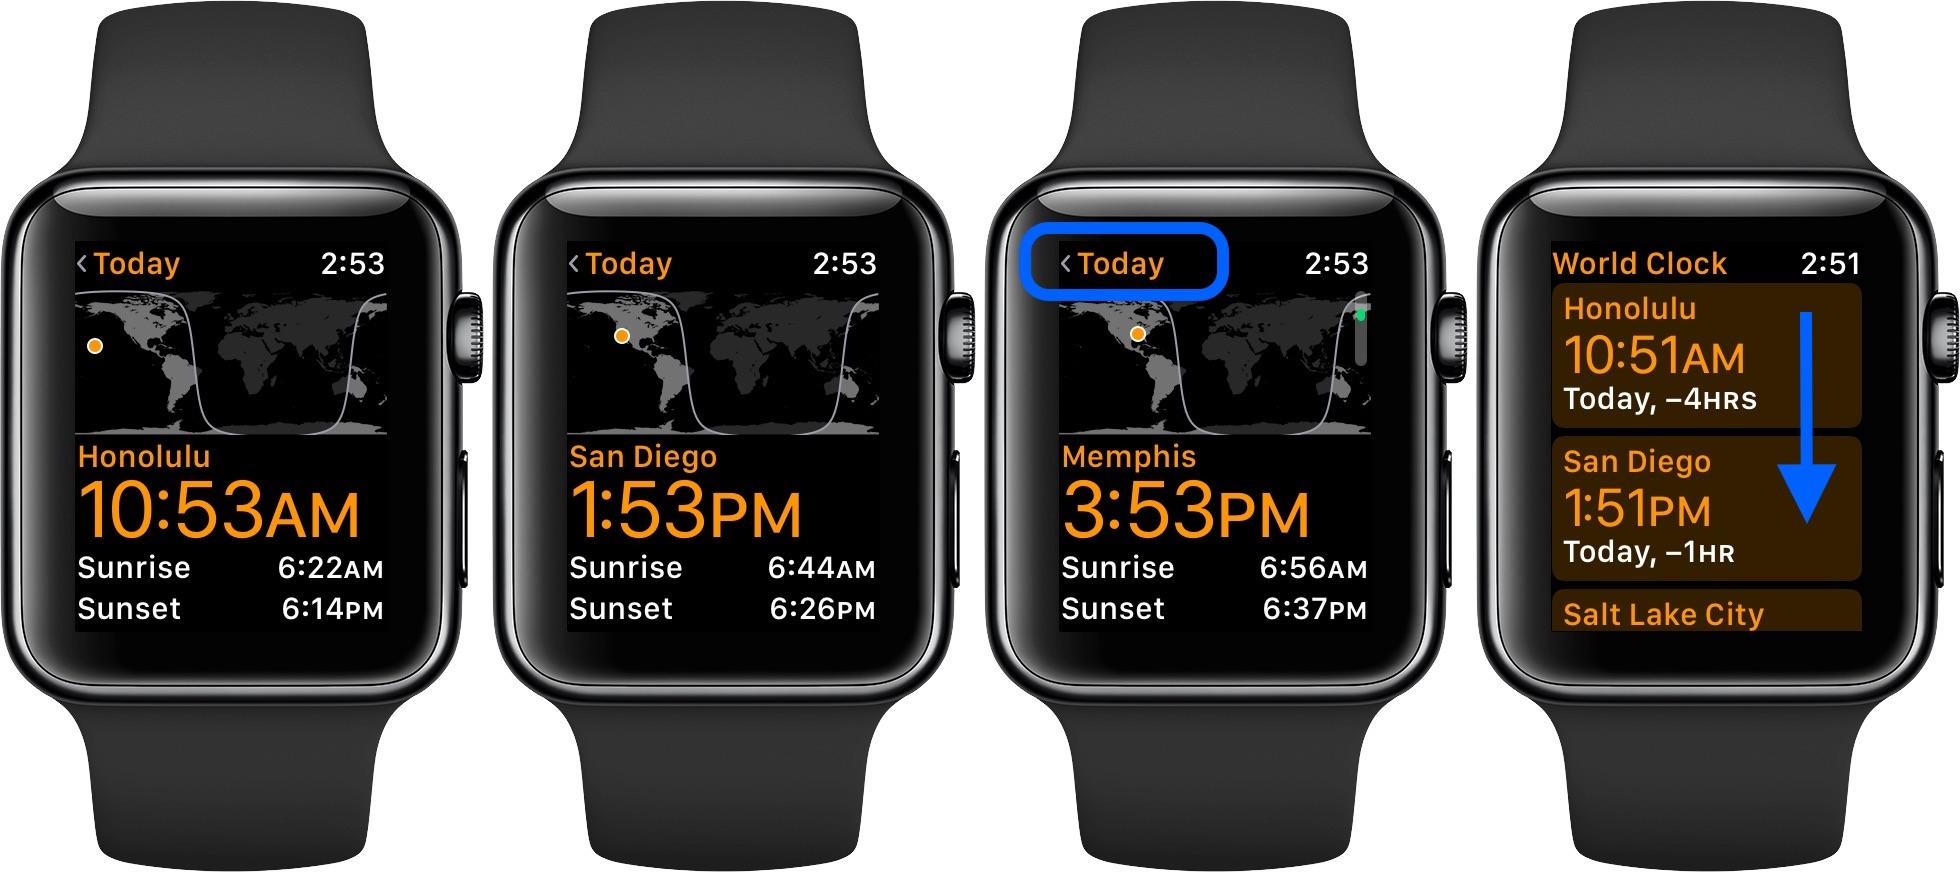 Apple Watch iPhone World Clock